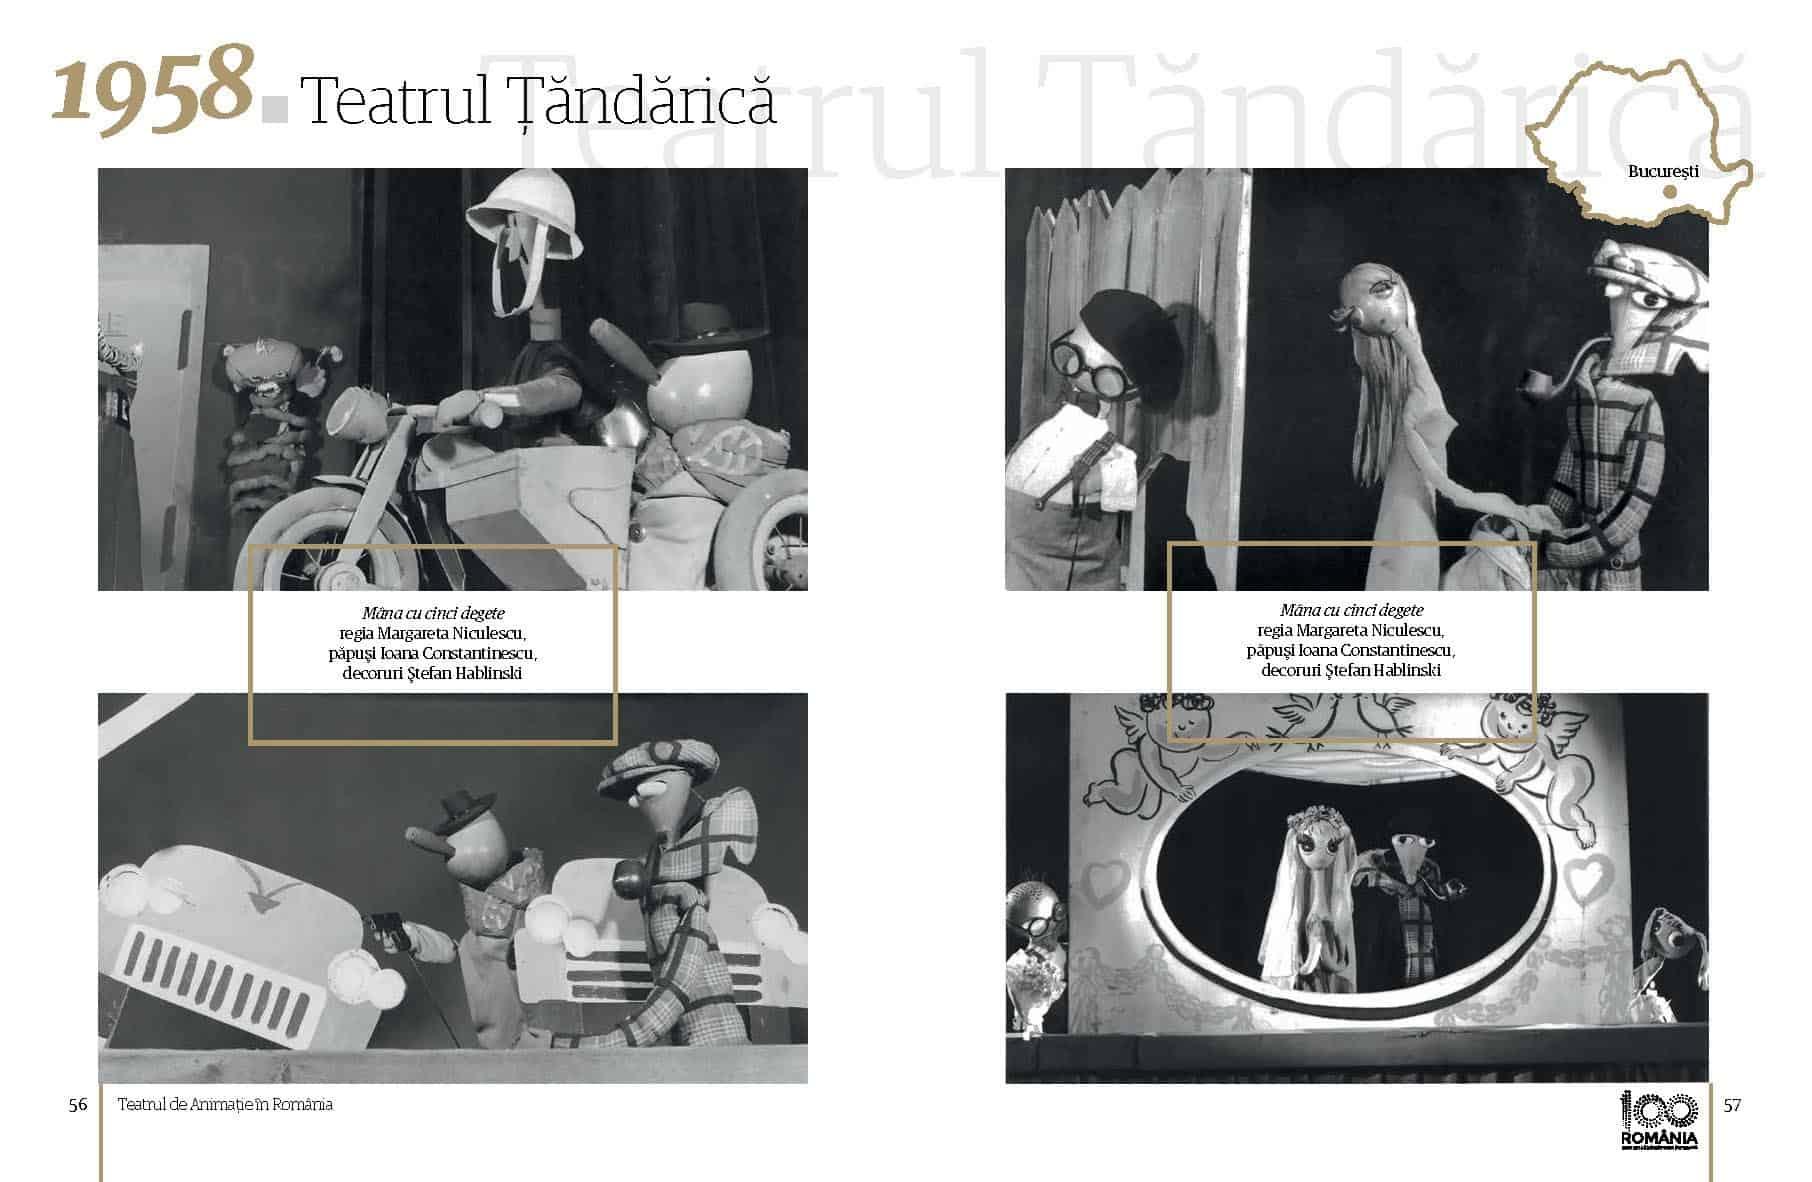 Album Teatrul de Animatie in Romania final preview fata in fata Page 29